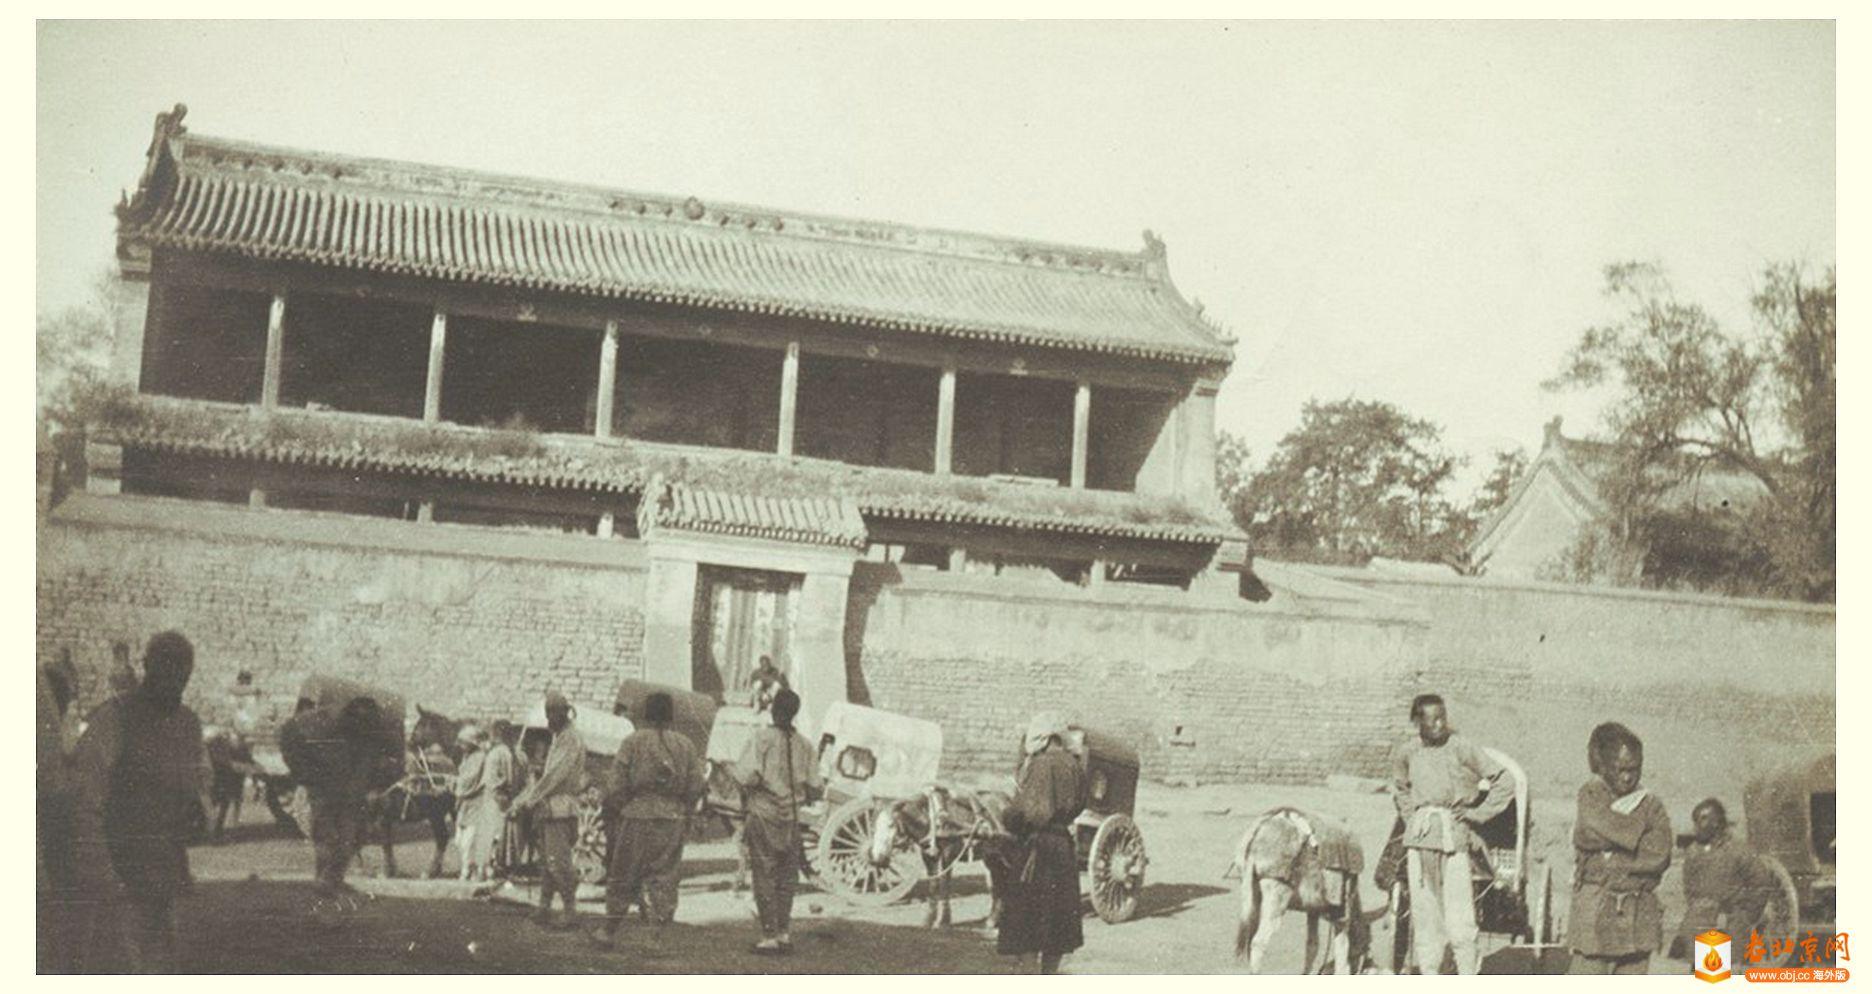 【探讨】Didrik 老北京照片系列(09):再议两张待考罩楼和汉白玉石桥照片